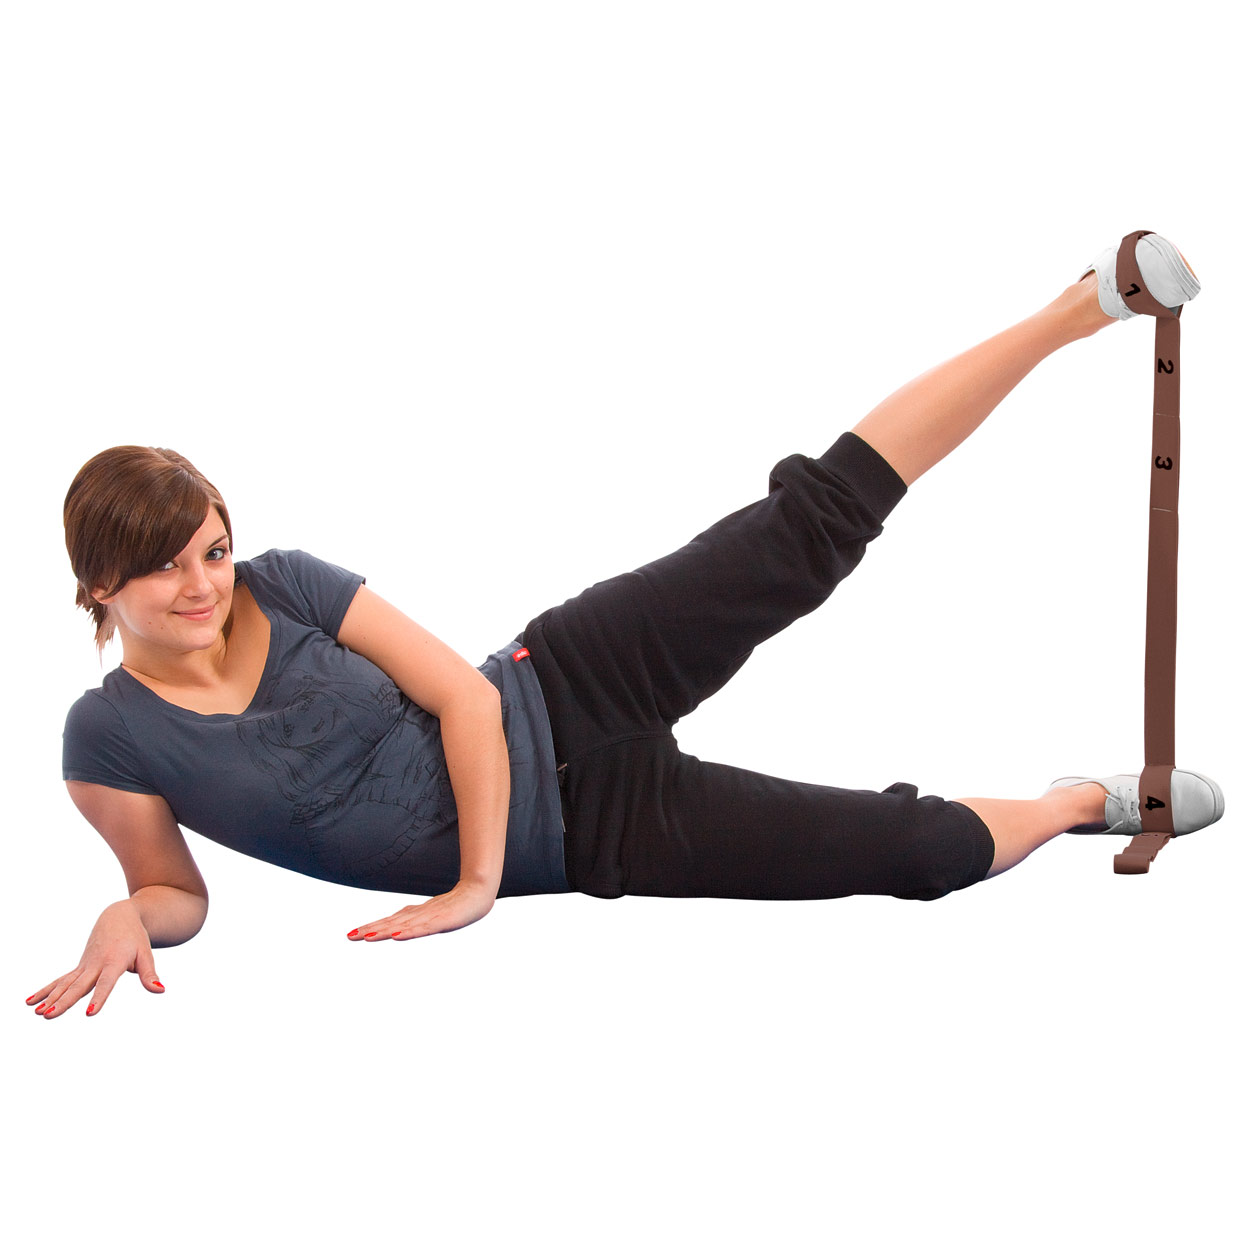 Cimax 6 Übungsband Widerstandsband Gymnastikband Fitnessband